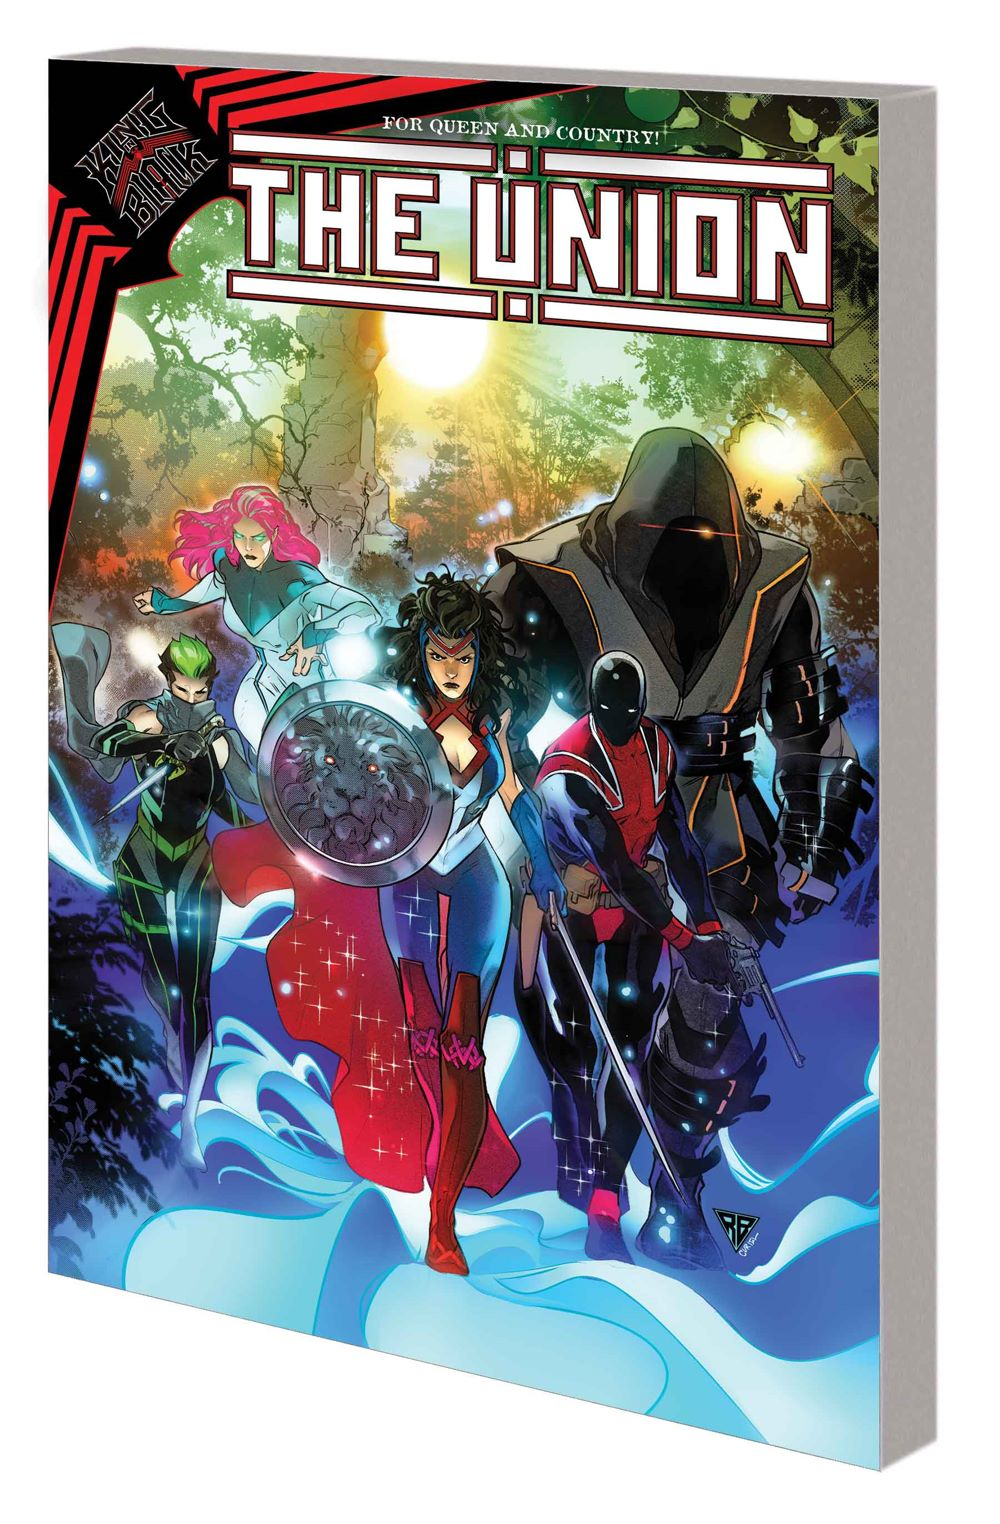 UNION_TPB Marvel Comics June 2021 Solicitations